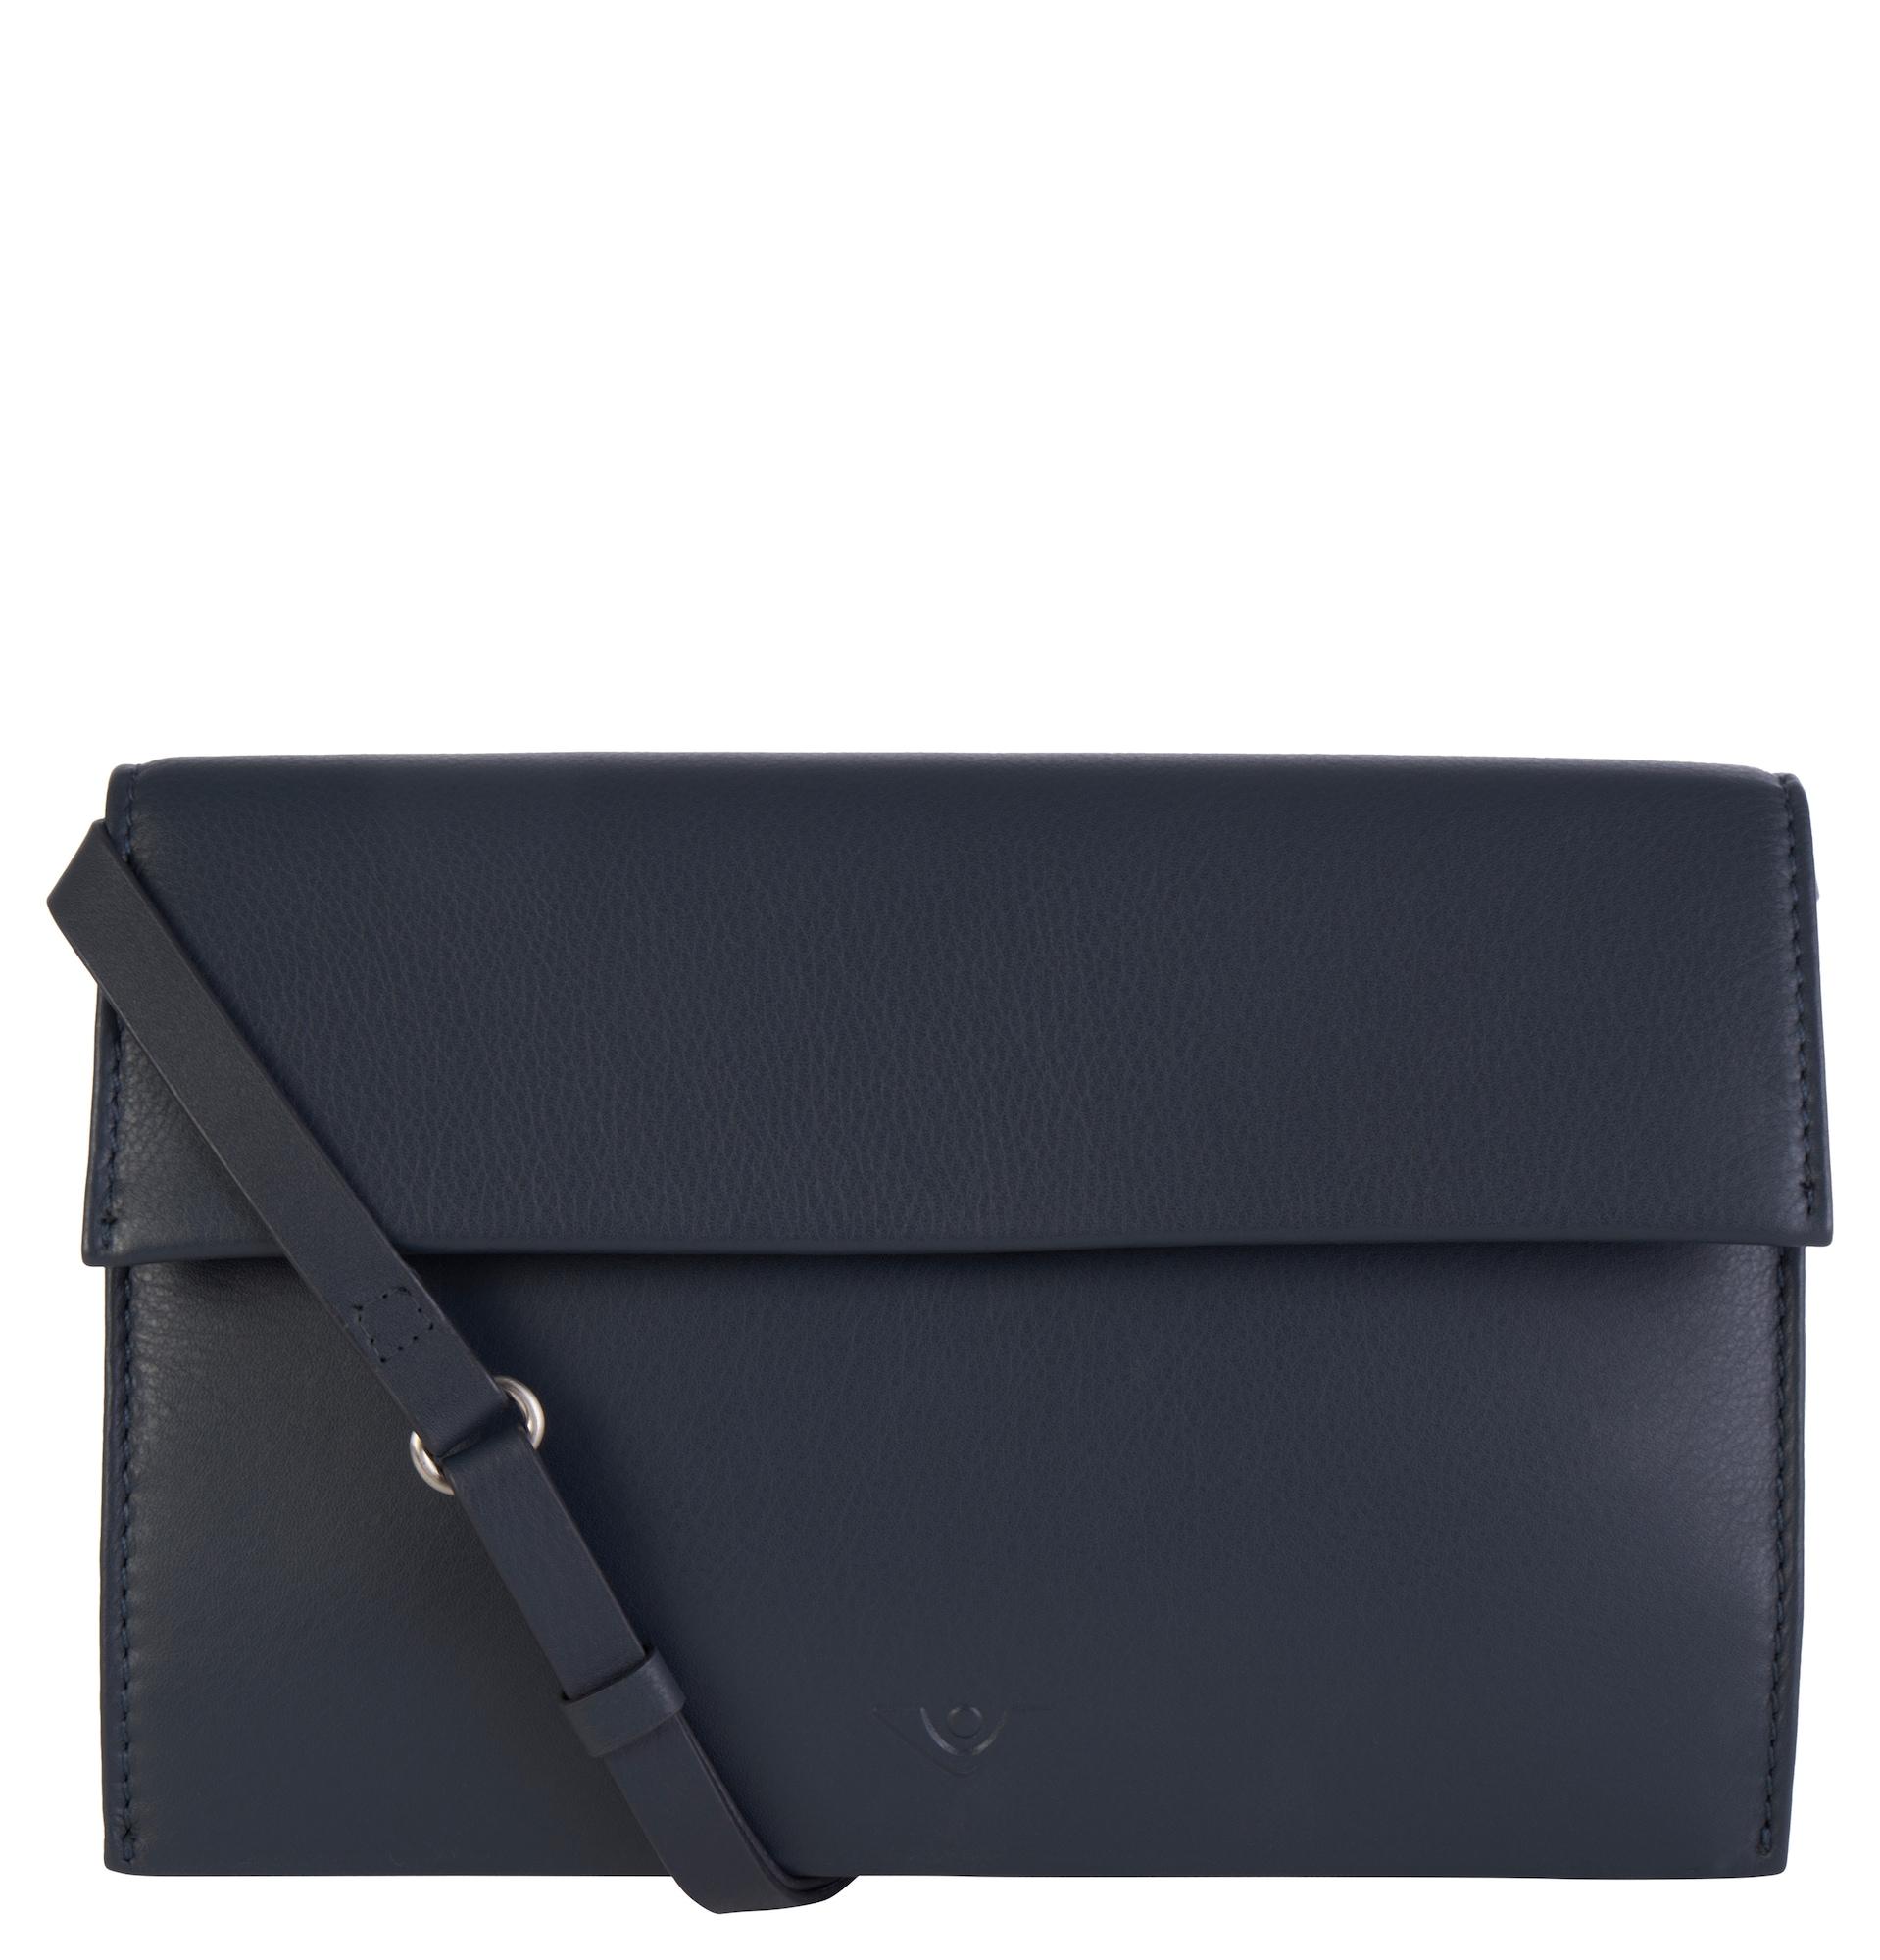 Clutch 'Leila' | Taschen > Handtaschen > Clutches | VOi